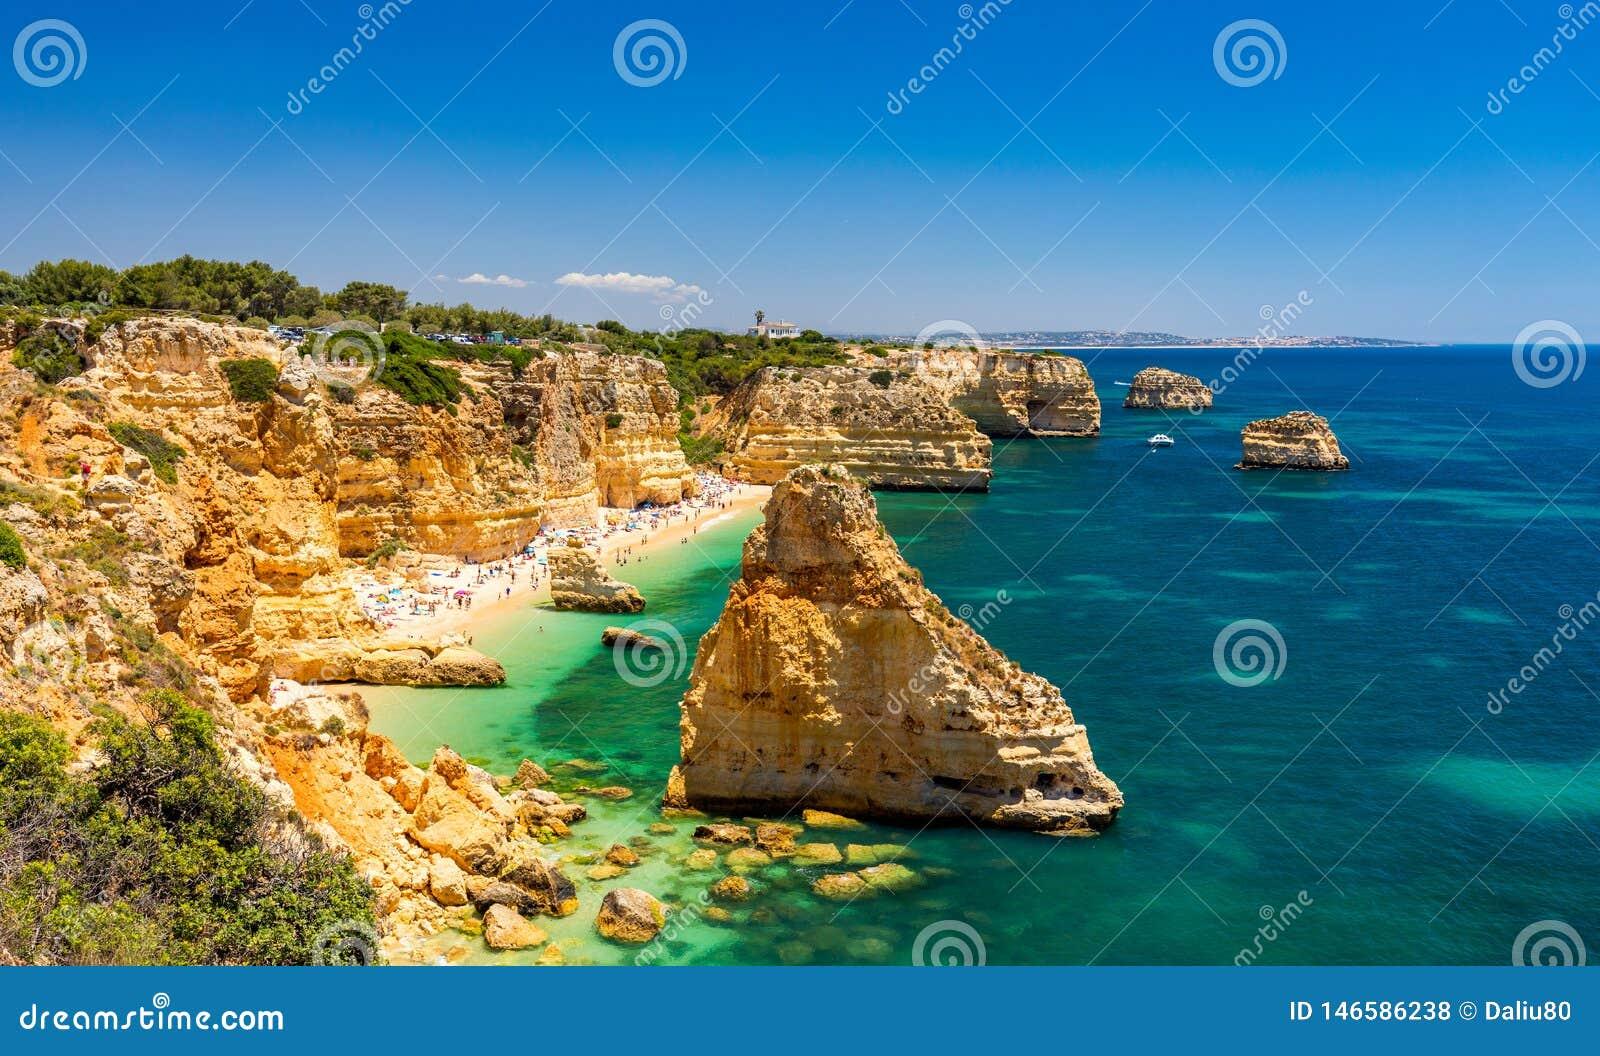 Praia da Marinha, piękny plażowy Marinha w Algarve, Portugalia Marynarki wojennej plaża, jeden sławne plaże (Praia da Marinha)